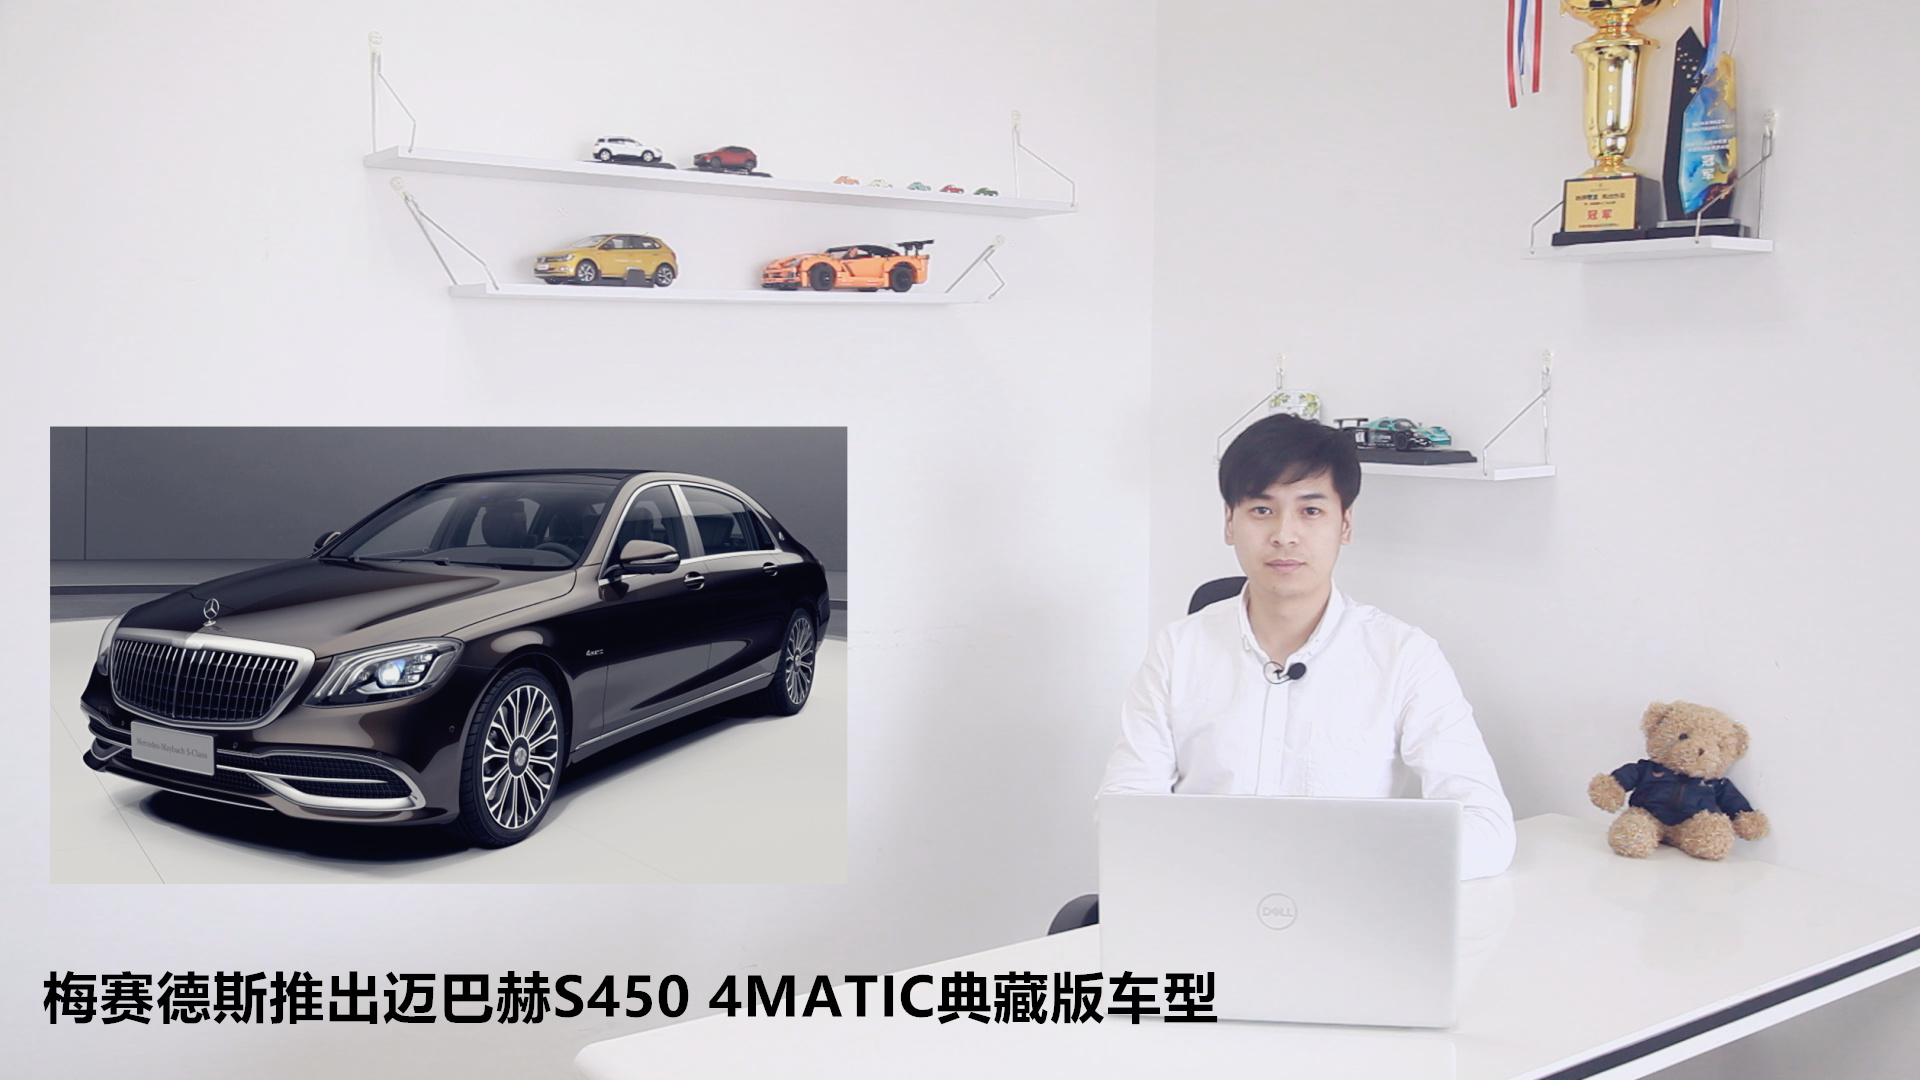 梅赛德斯推出迈巴赫S450 4MATIC典藏版车型